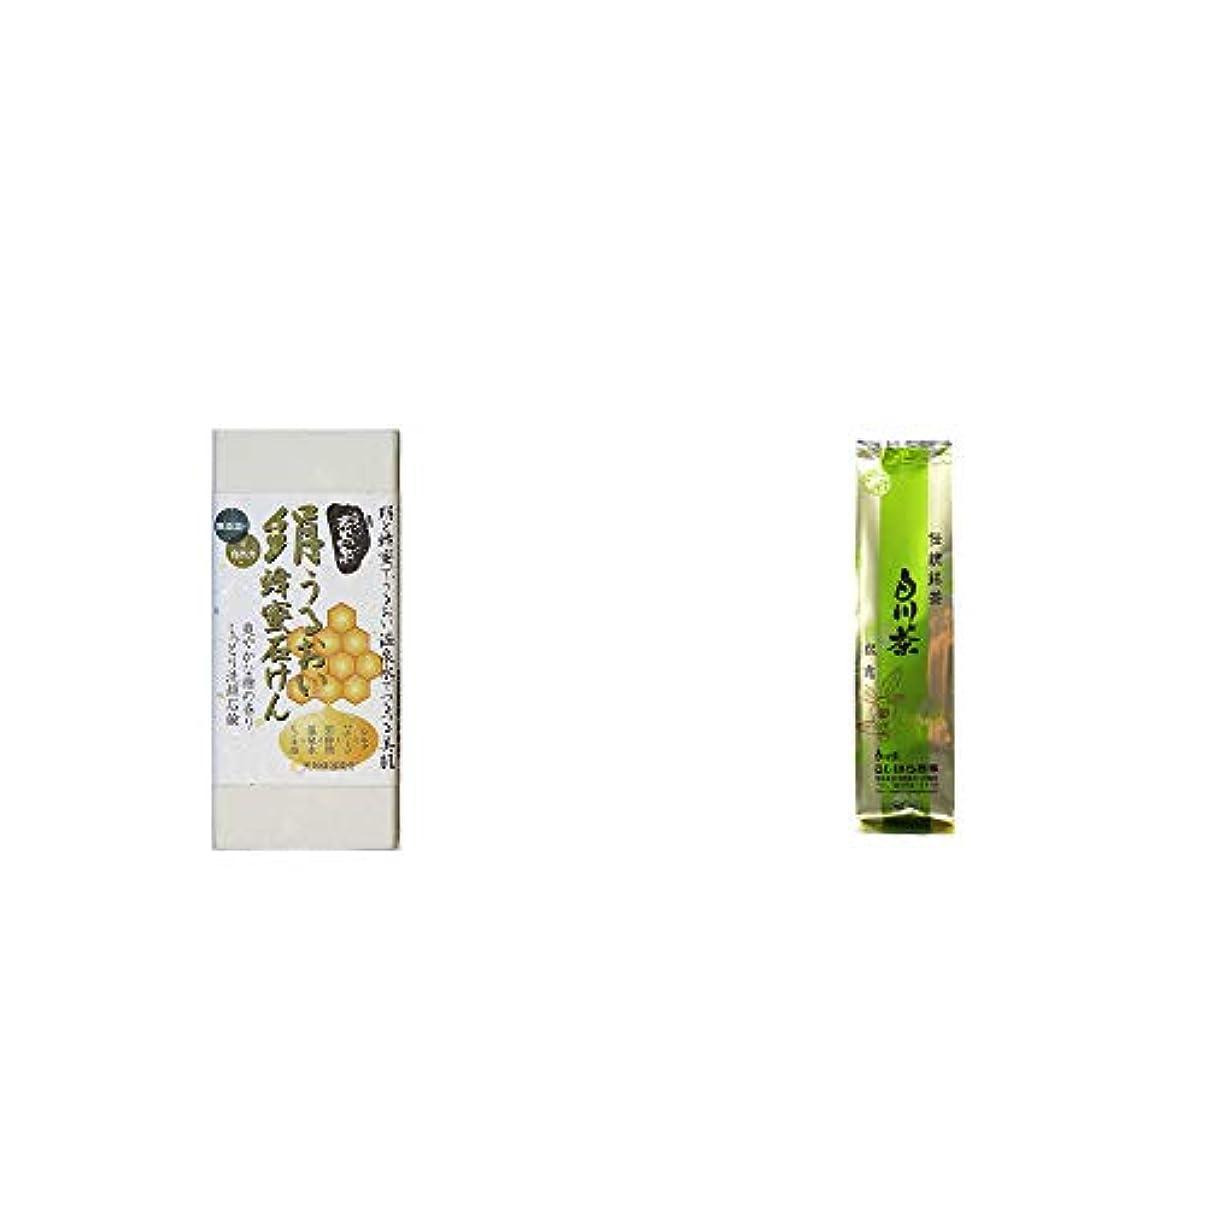 摩擦鉄道駅ワークショップ[2点セット] ひのき炭黒泉 絹うるおい蜂蜜石けん(75g×2)?白川茶 伝統銘茶【松露】(180g)